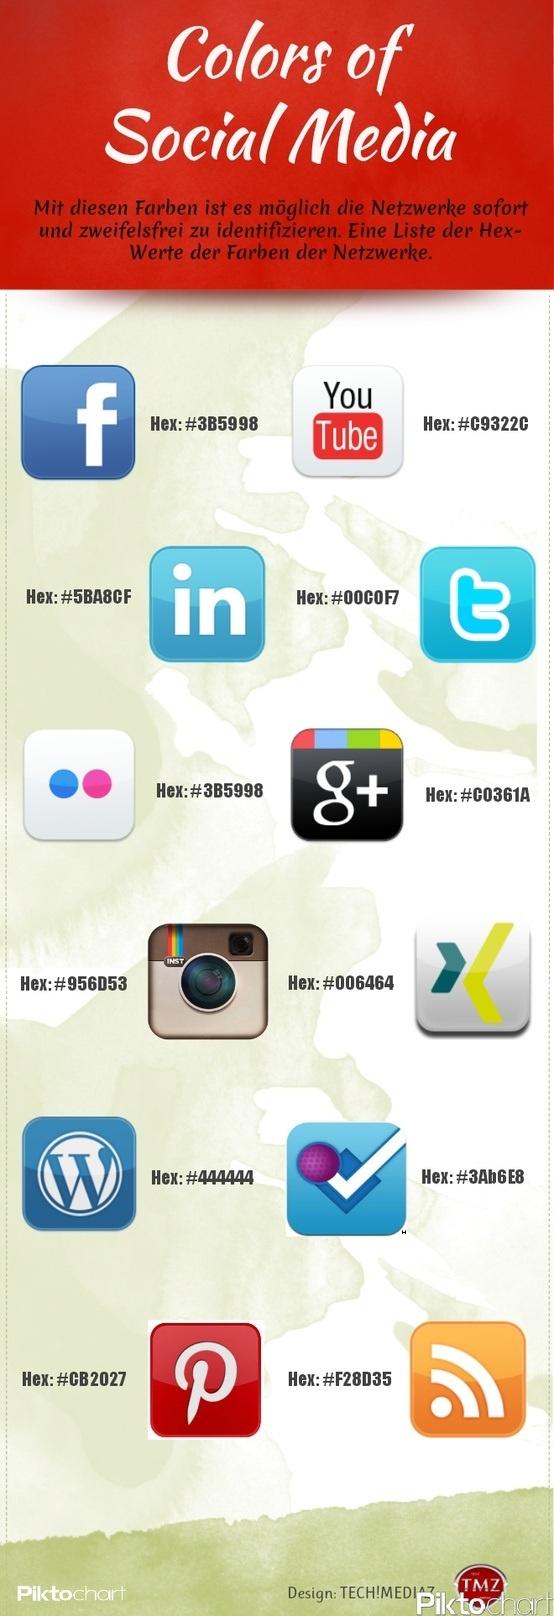 Les codes couleur hexadécimaux des principaux réseaux sociaux : Facebook, Twitter, Google +…